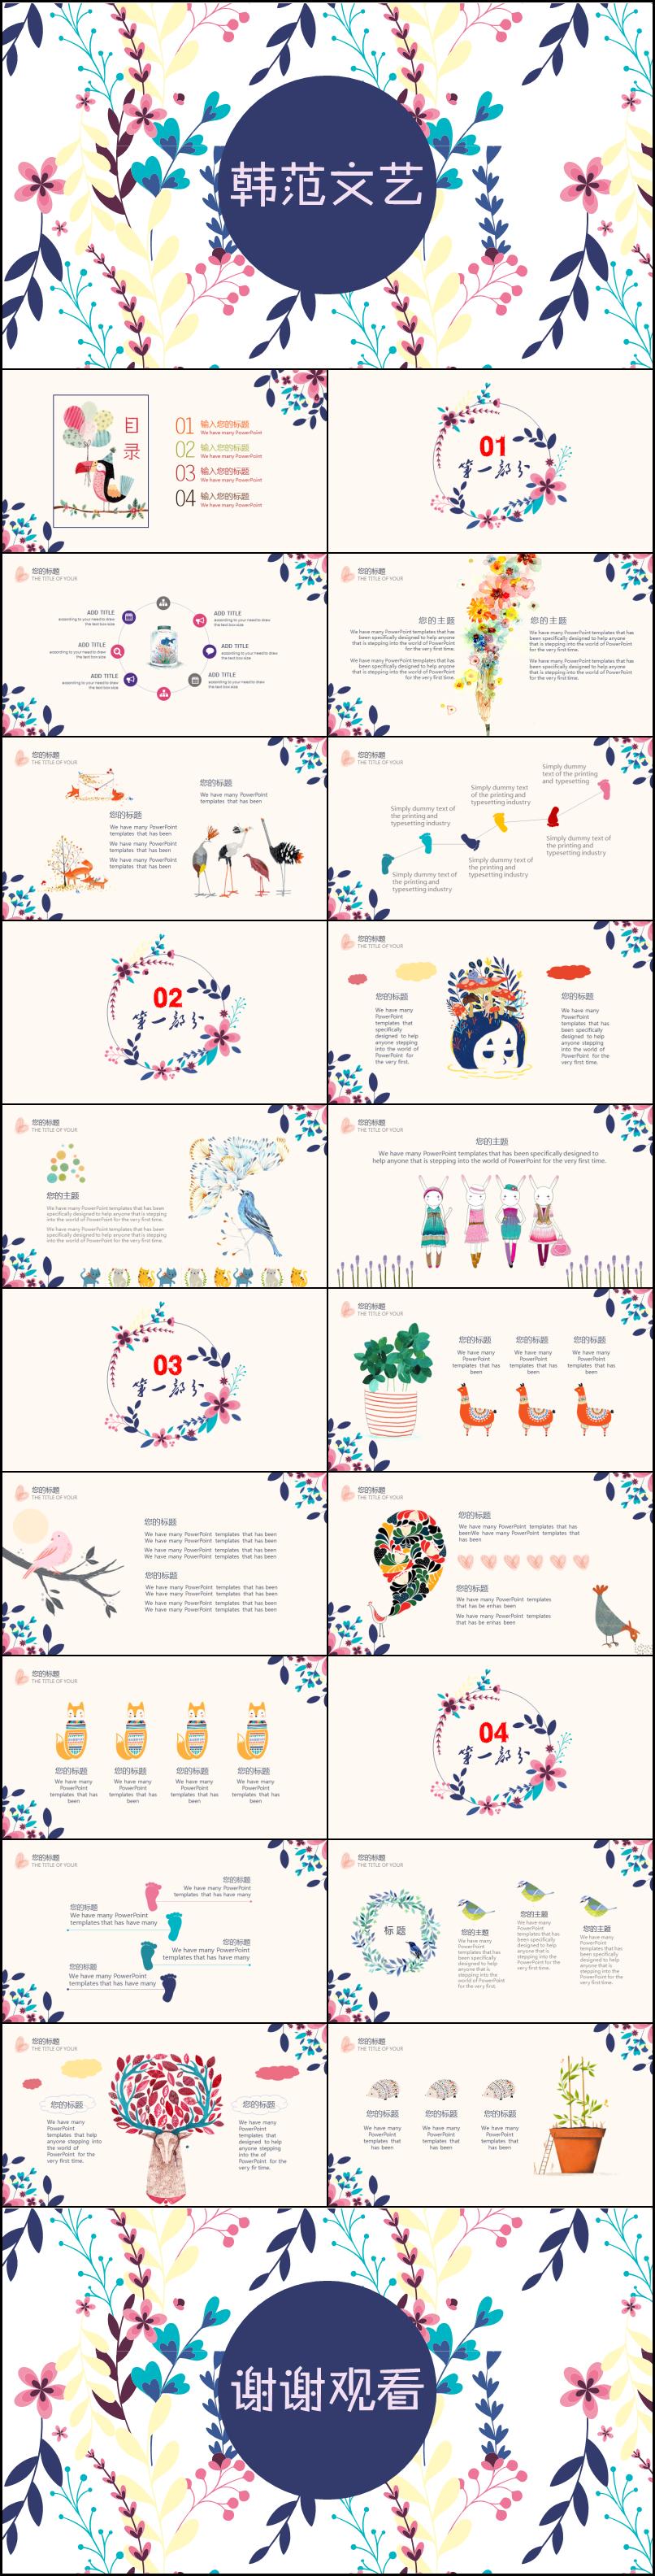 【嗨】韩范文艺手绘水彩插画述职答辩求职简历工作总结教师公开课